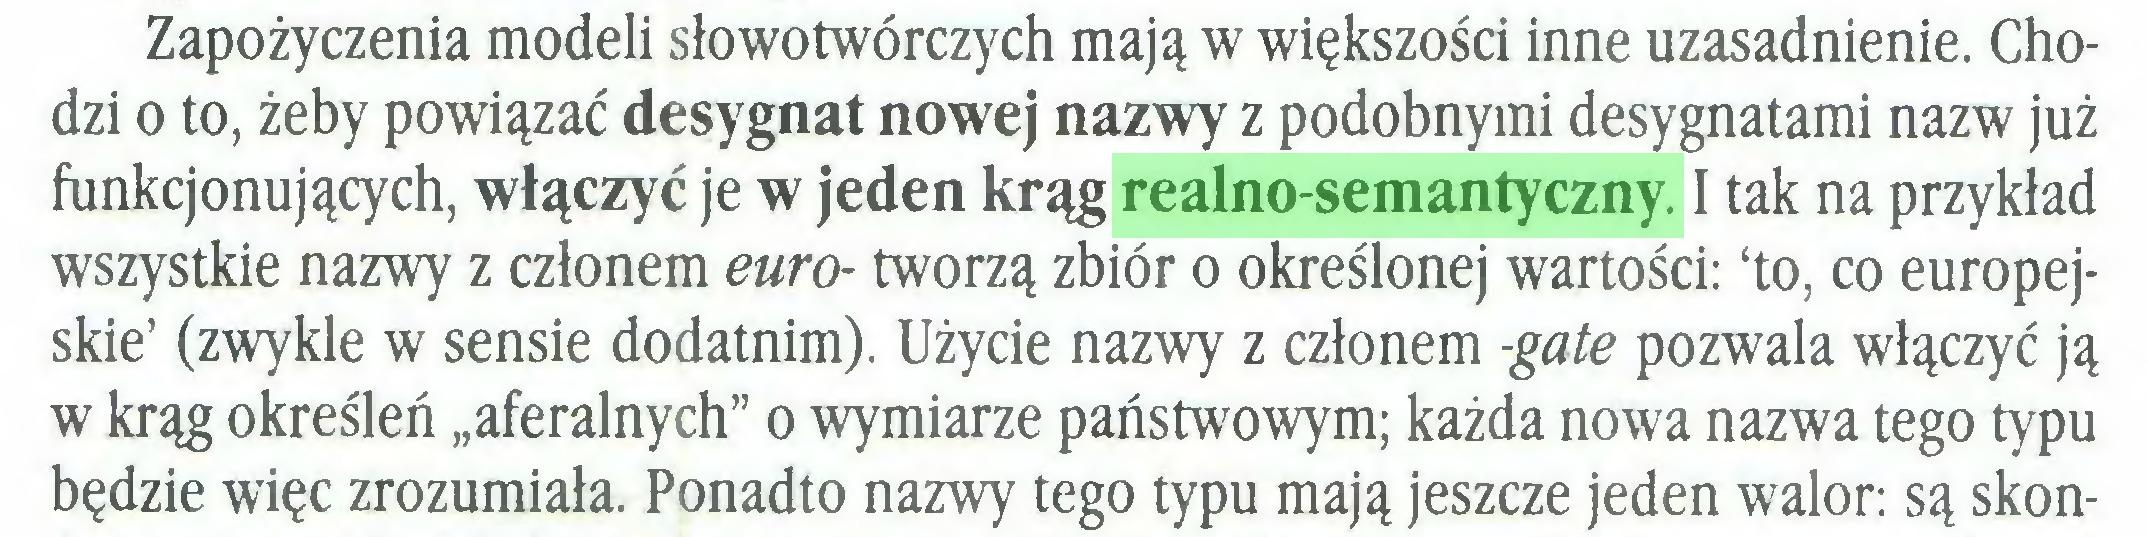 """(...) Zapożyczenia modeli słowotwórczych mają w większości inne uzasadnienie. Chodzi o to, żeby powiązać desygnat nowej nazwy z podobnymi desygnatami nazw już funkcjonujących, włączyć je w jeden krąg realno-semantyczny. I tak na przykład wszystkie nazwy z członem euro- tworzą zbiór o określonej wartości: 'to, co europejskie' (zwykle w sensie dodatnim). Użycie nazwy z członem -gate pozwala włączyć ją w krąg określeń """"aferalnych"""" o wymiarze państwowym; każda nowa nazwa tego typu będzie więc zrozumiała. Ponadto nazwy tego typu mają jeszcze jeden walor: są skon..."""